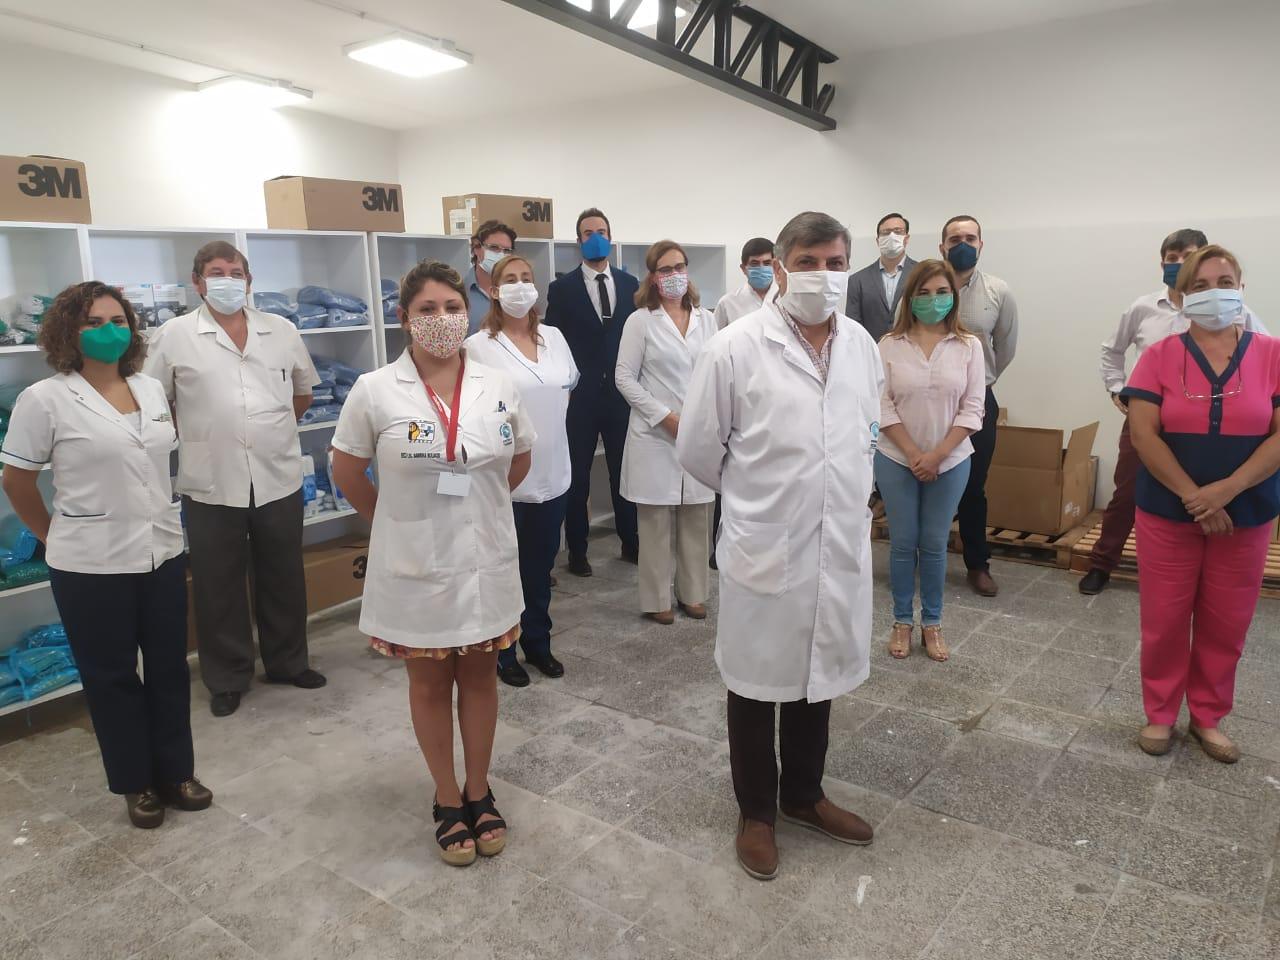 Médicos en el depósito de protección personal.